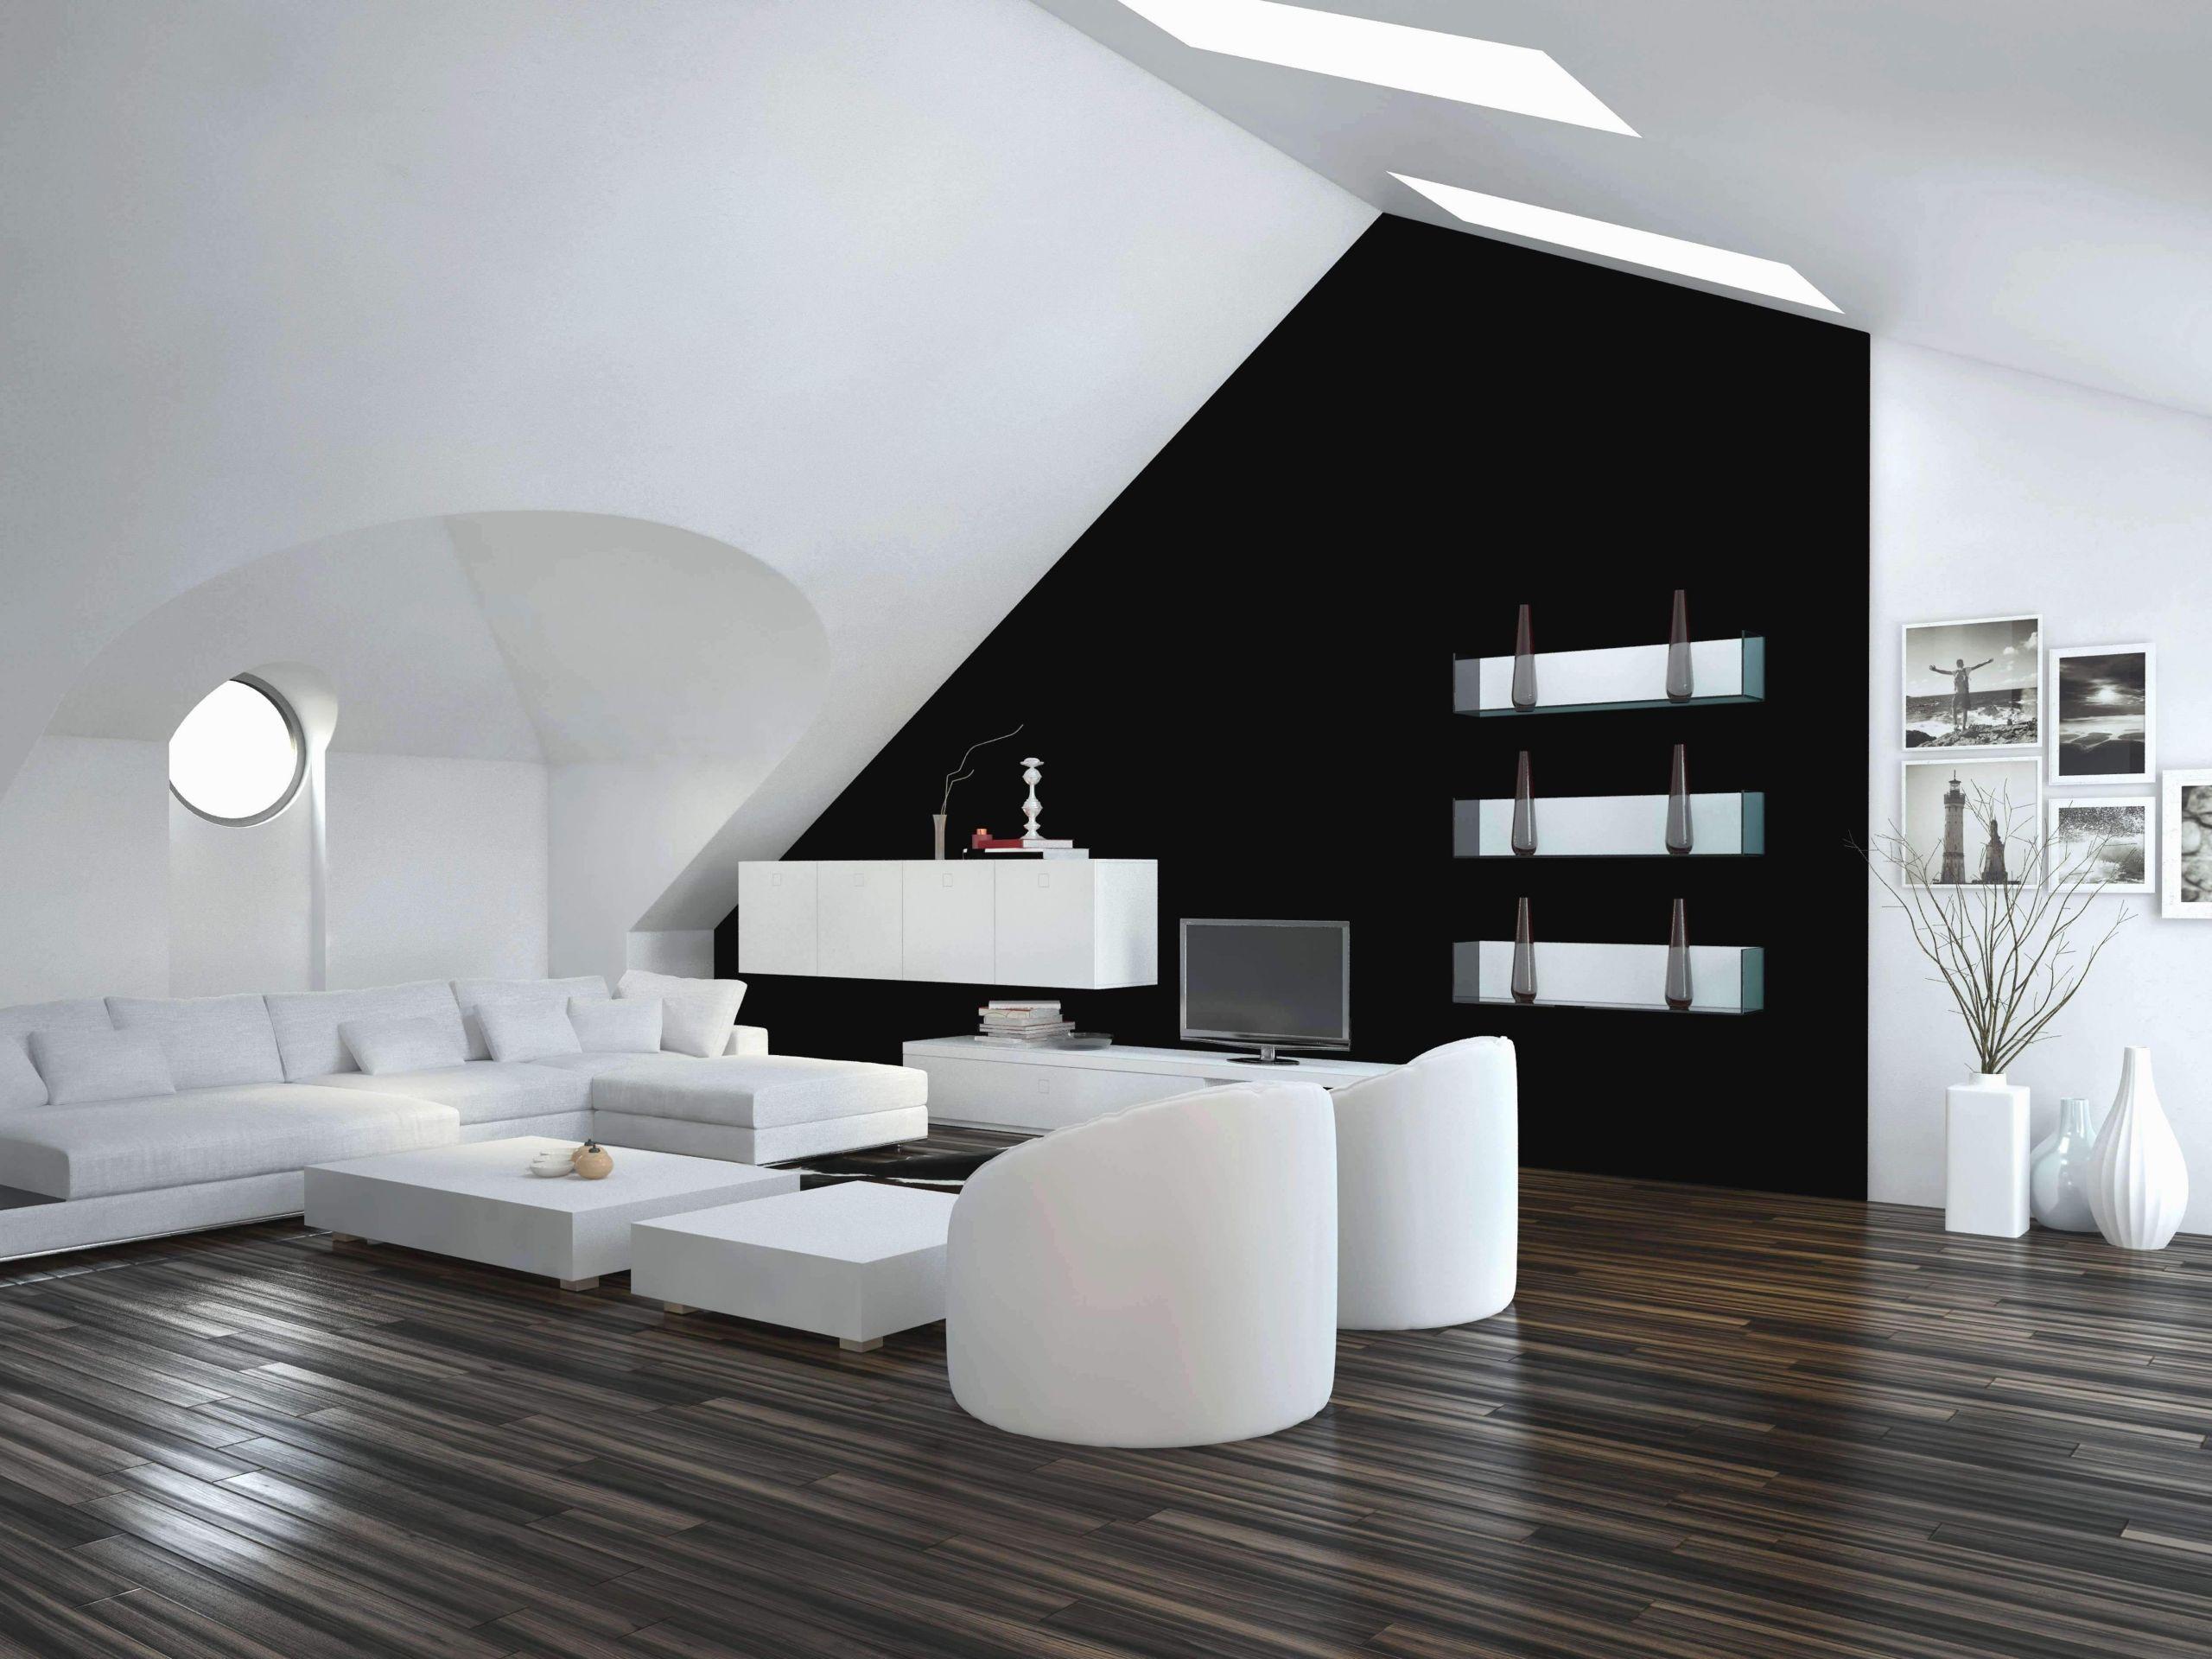 Deko Ideen Hauseingang Luxus 35 Reizend Buddha Deko Wohnzimmer Schön